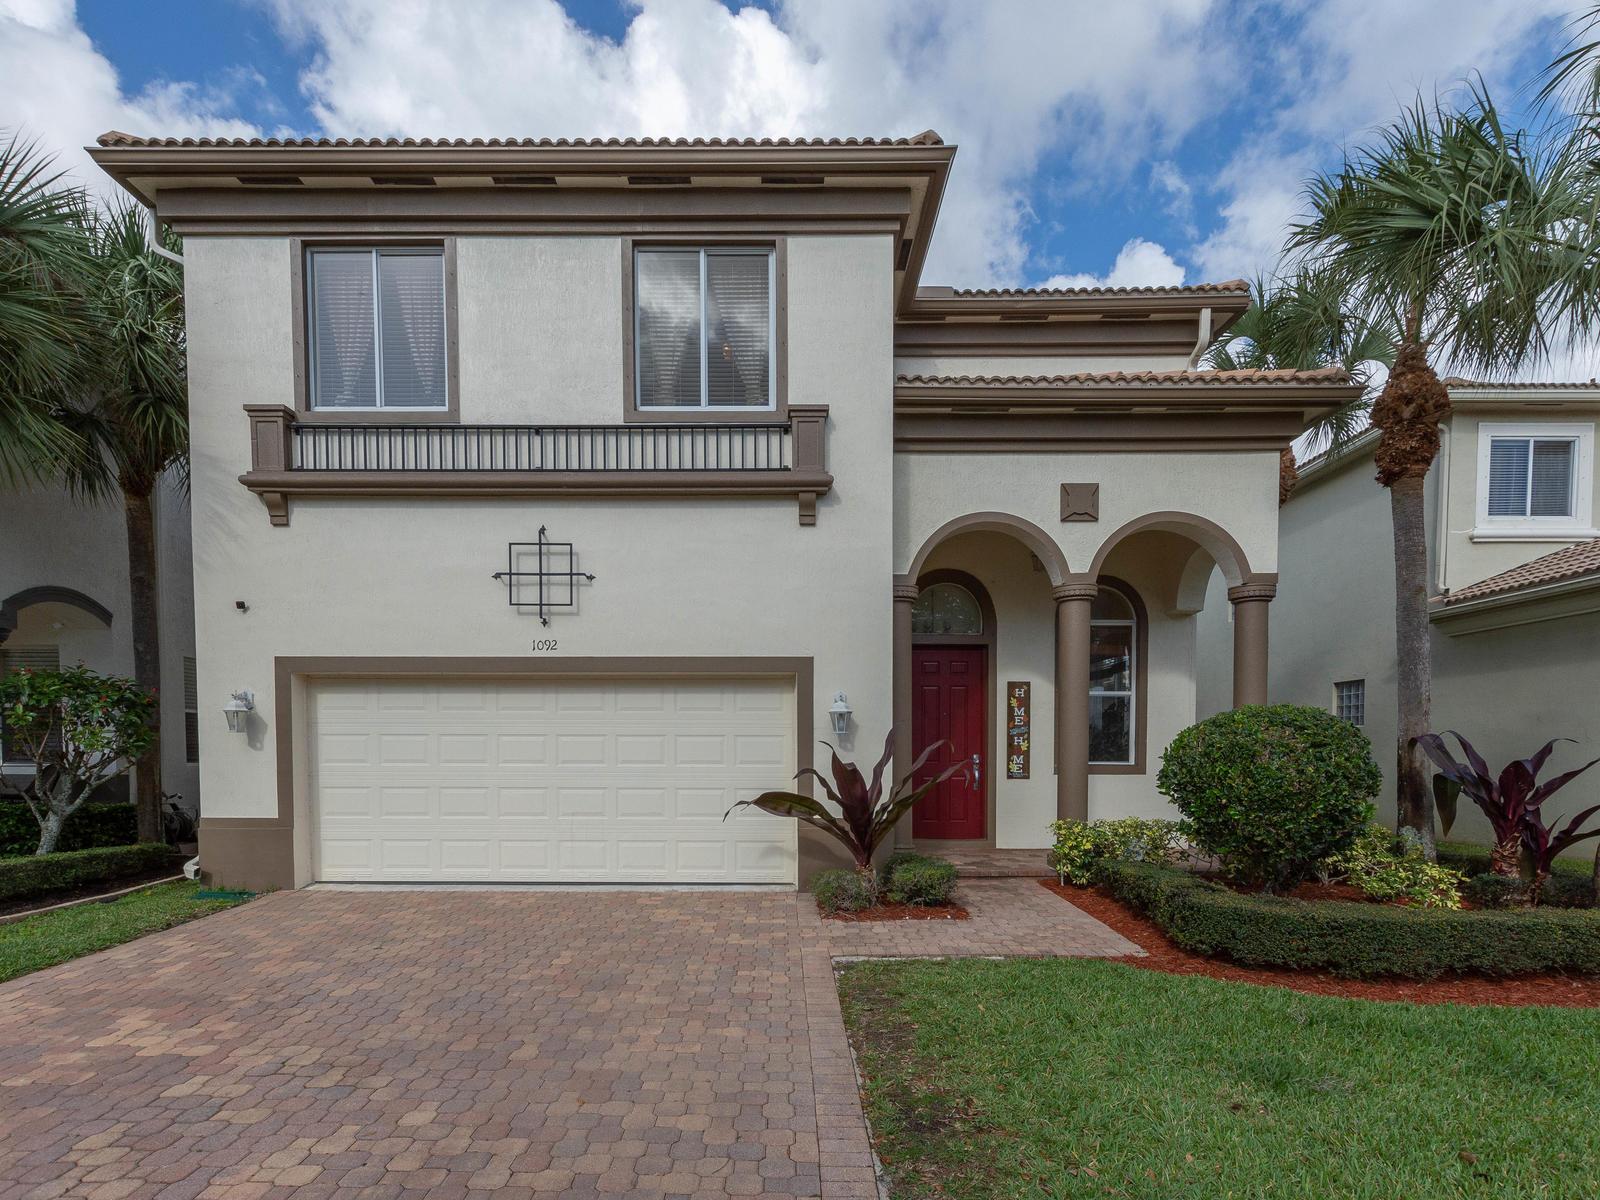 Home for sale in Palmyra Boynton Beach Florida